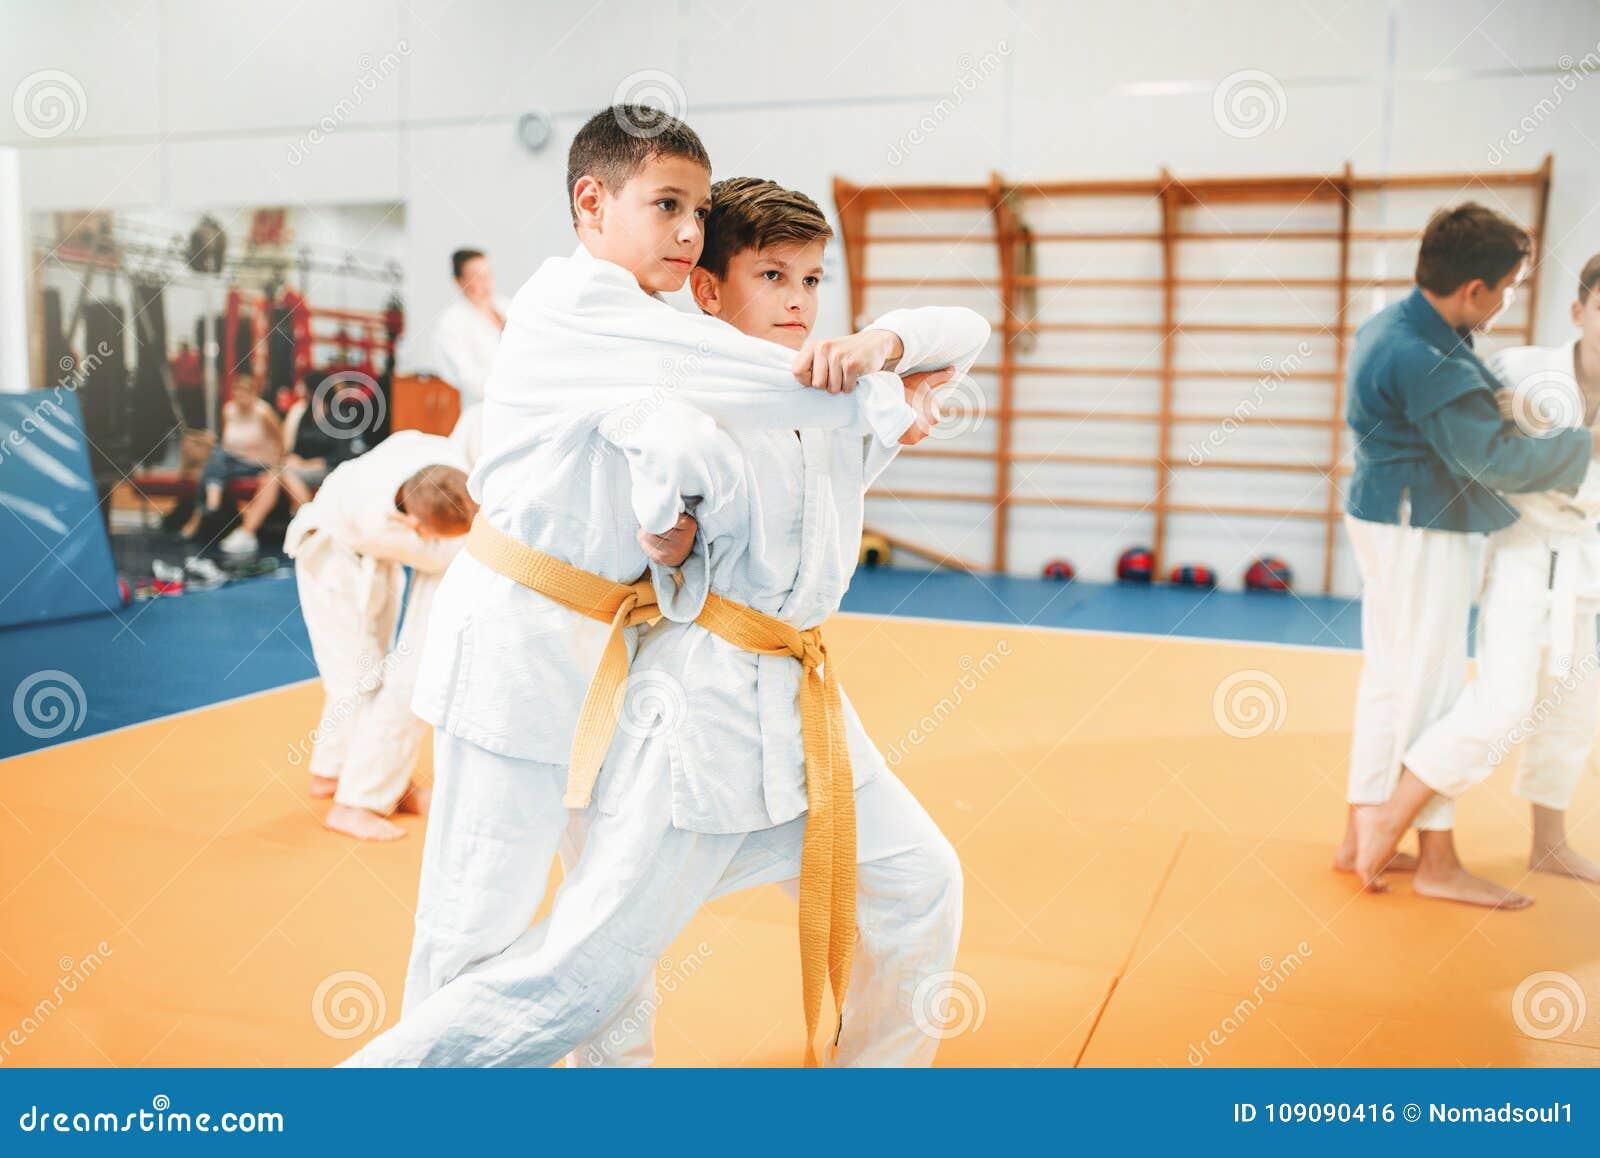 Lura judon, barns utbildningskampsport i korridor